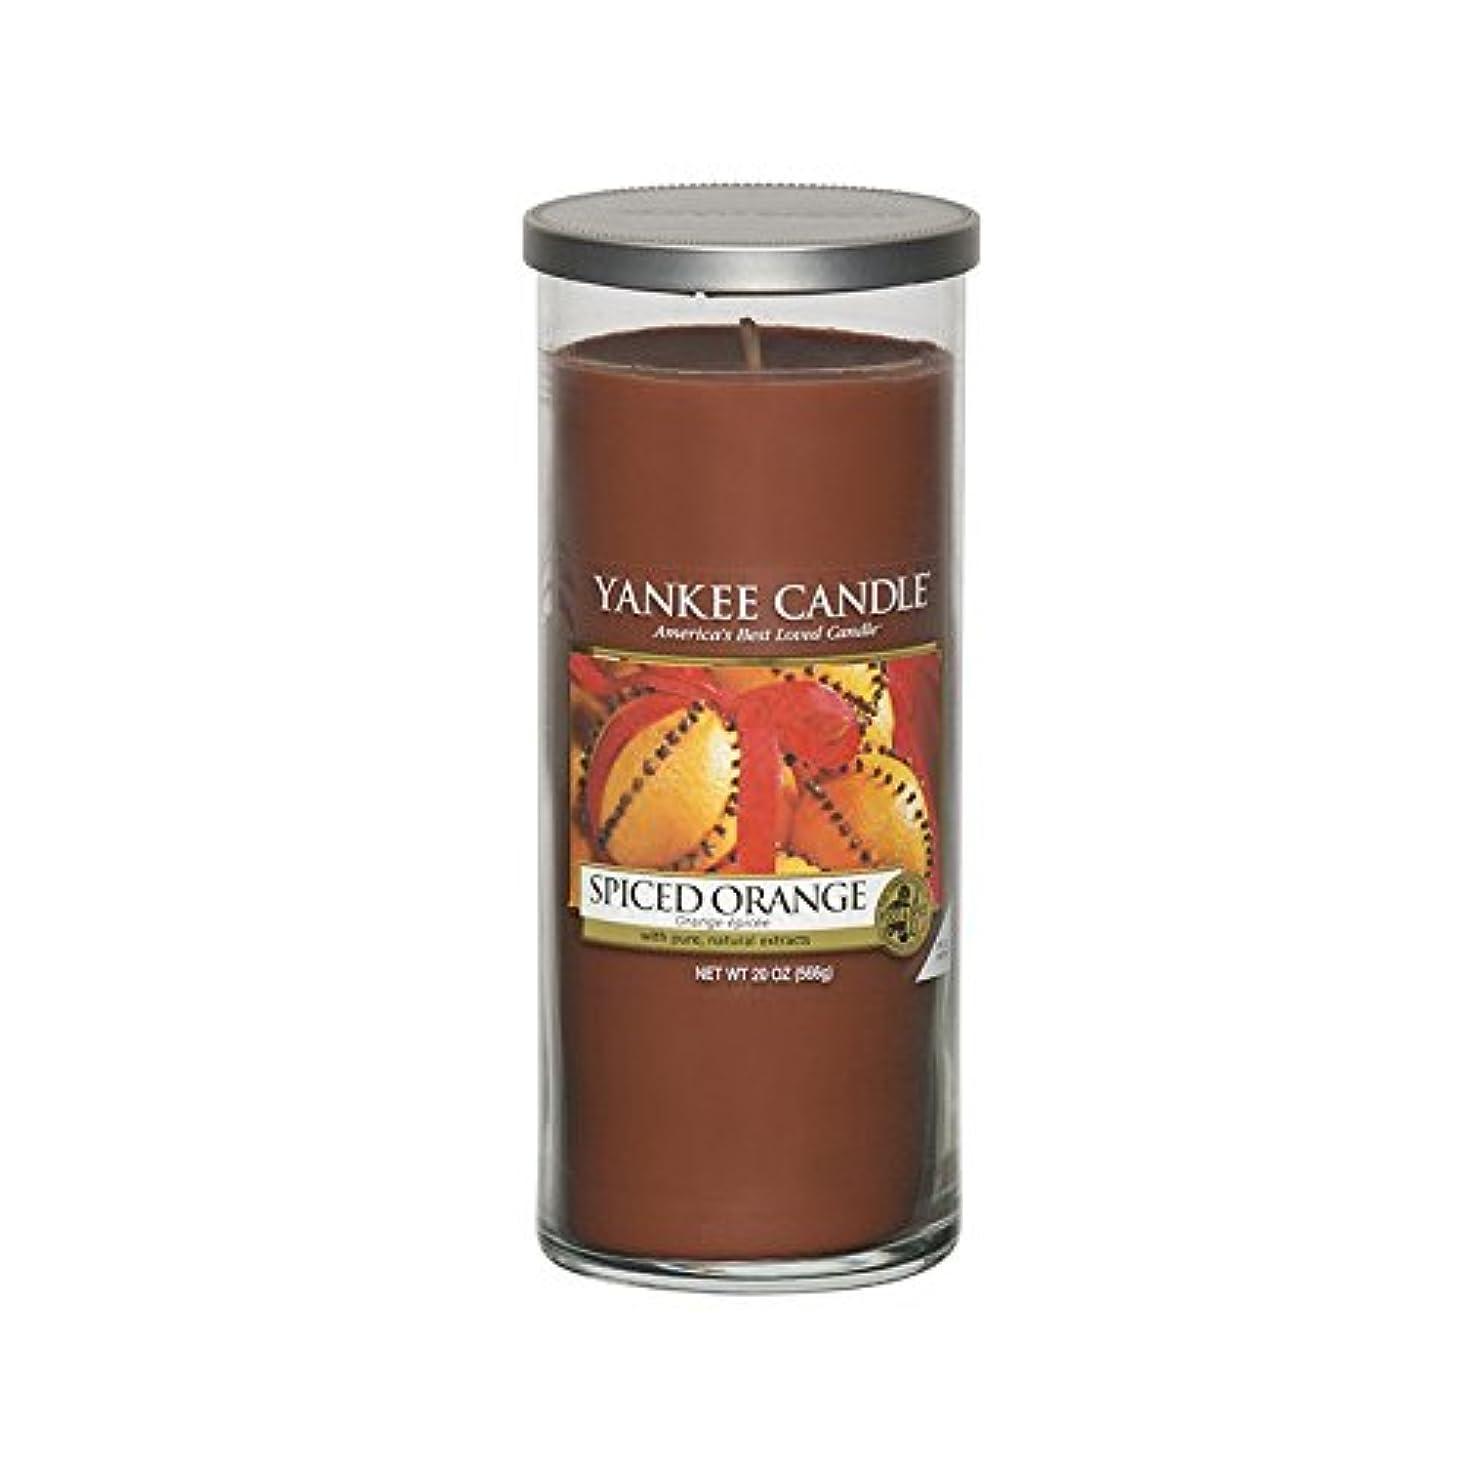 薬を飲むまあ訴えるヤンキーキャンドル大きな柱キャンドル - スパイスオレンジ - Yankee Candles Large Pillar Candle - Spiced Orange (Yankee Candles) [並行輸入品]